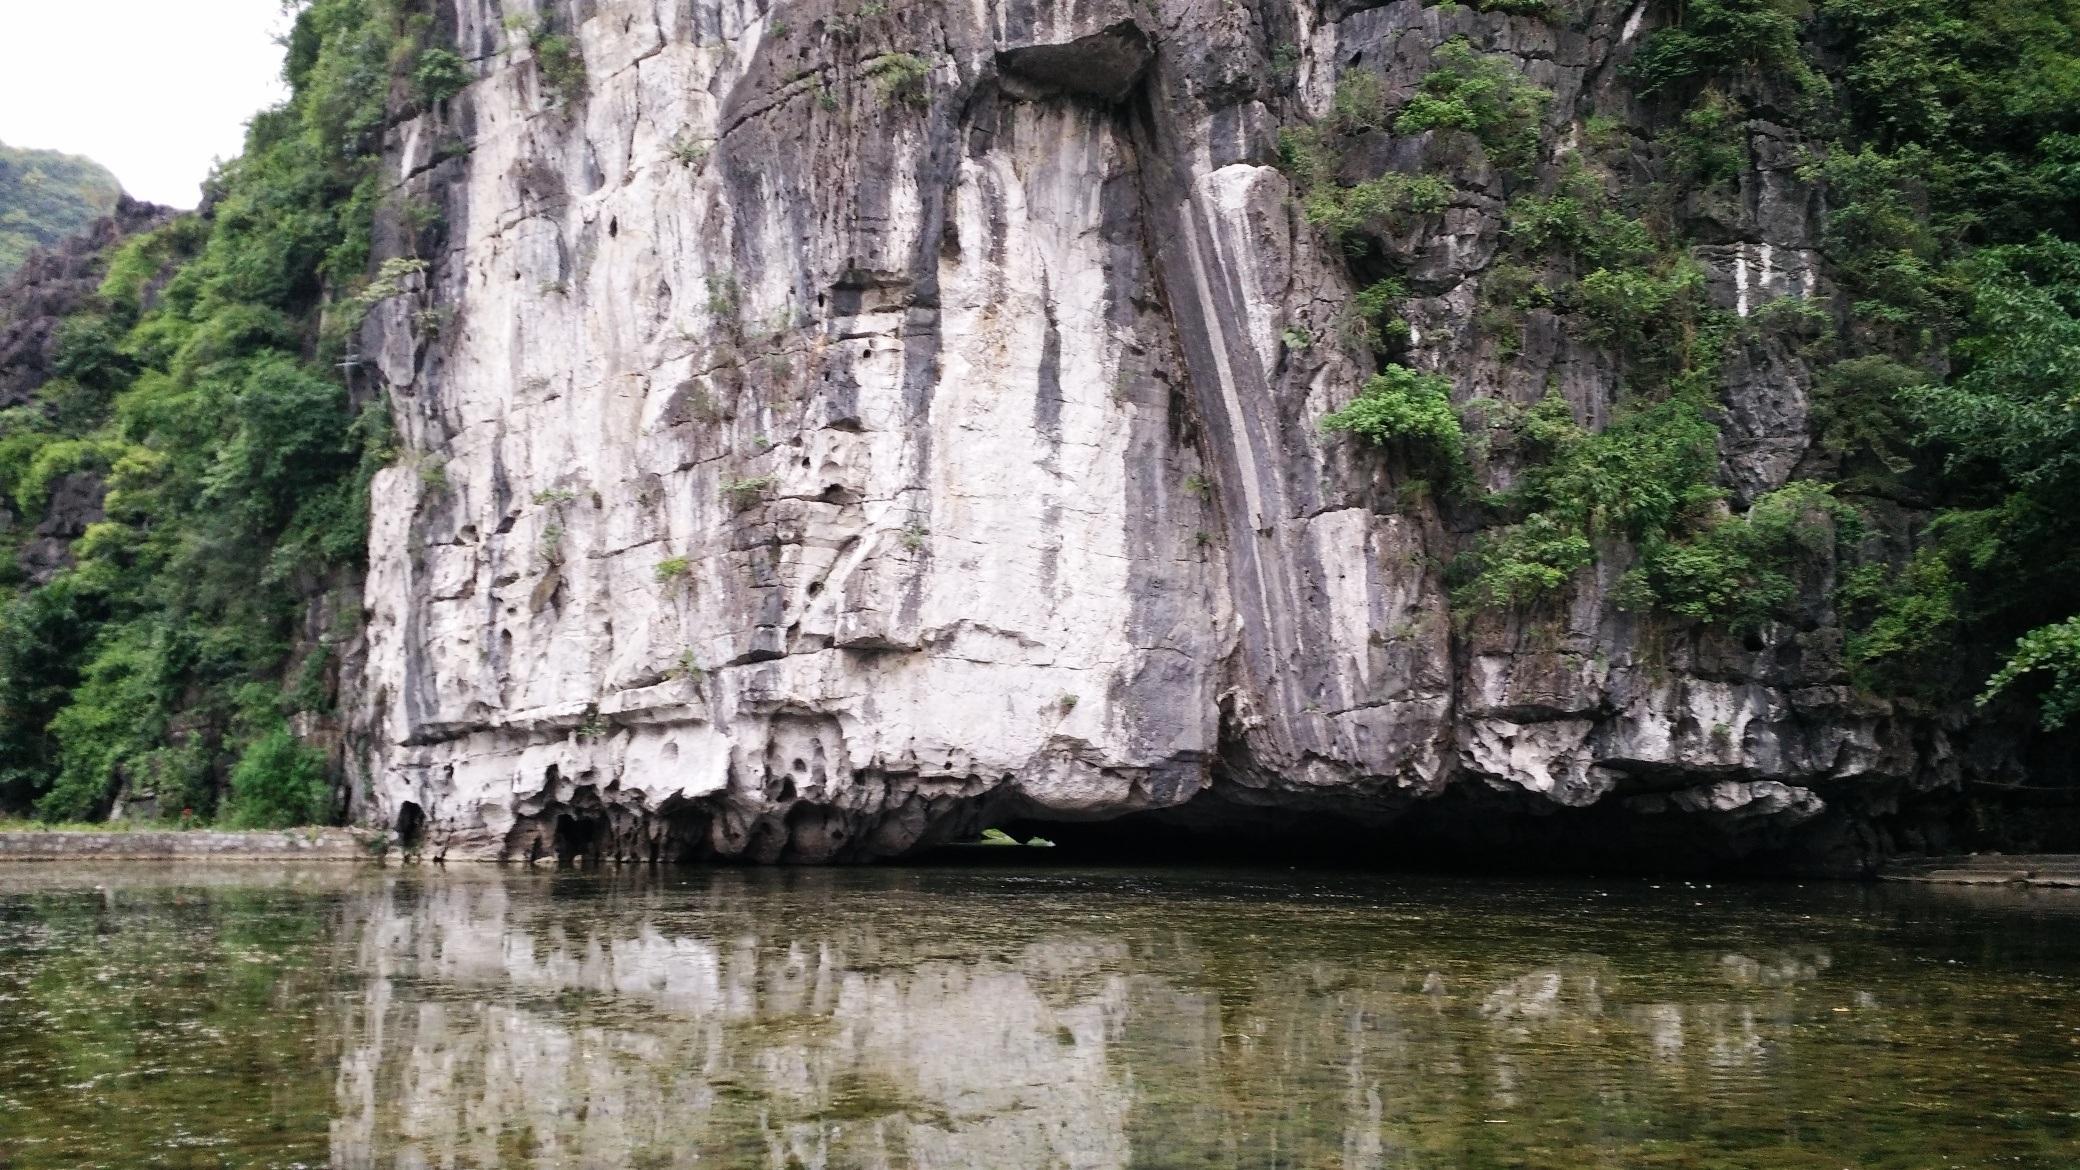 Những ngọn núi đá vôi hàng nghìn năm tuổi nằm sát bên dòng sông tạo nên vẻ hoang sơ, huyền bí cho bức tranh thủy mạc Tam Cốc